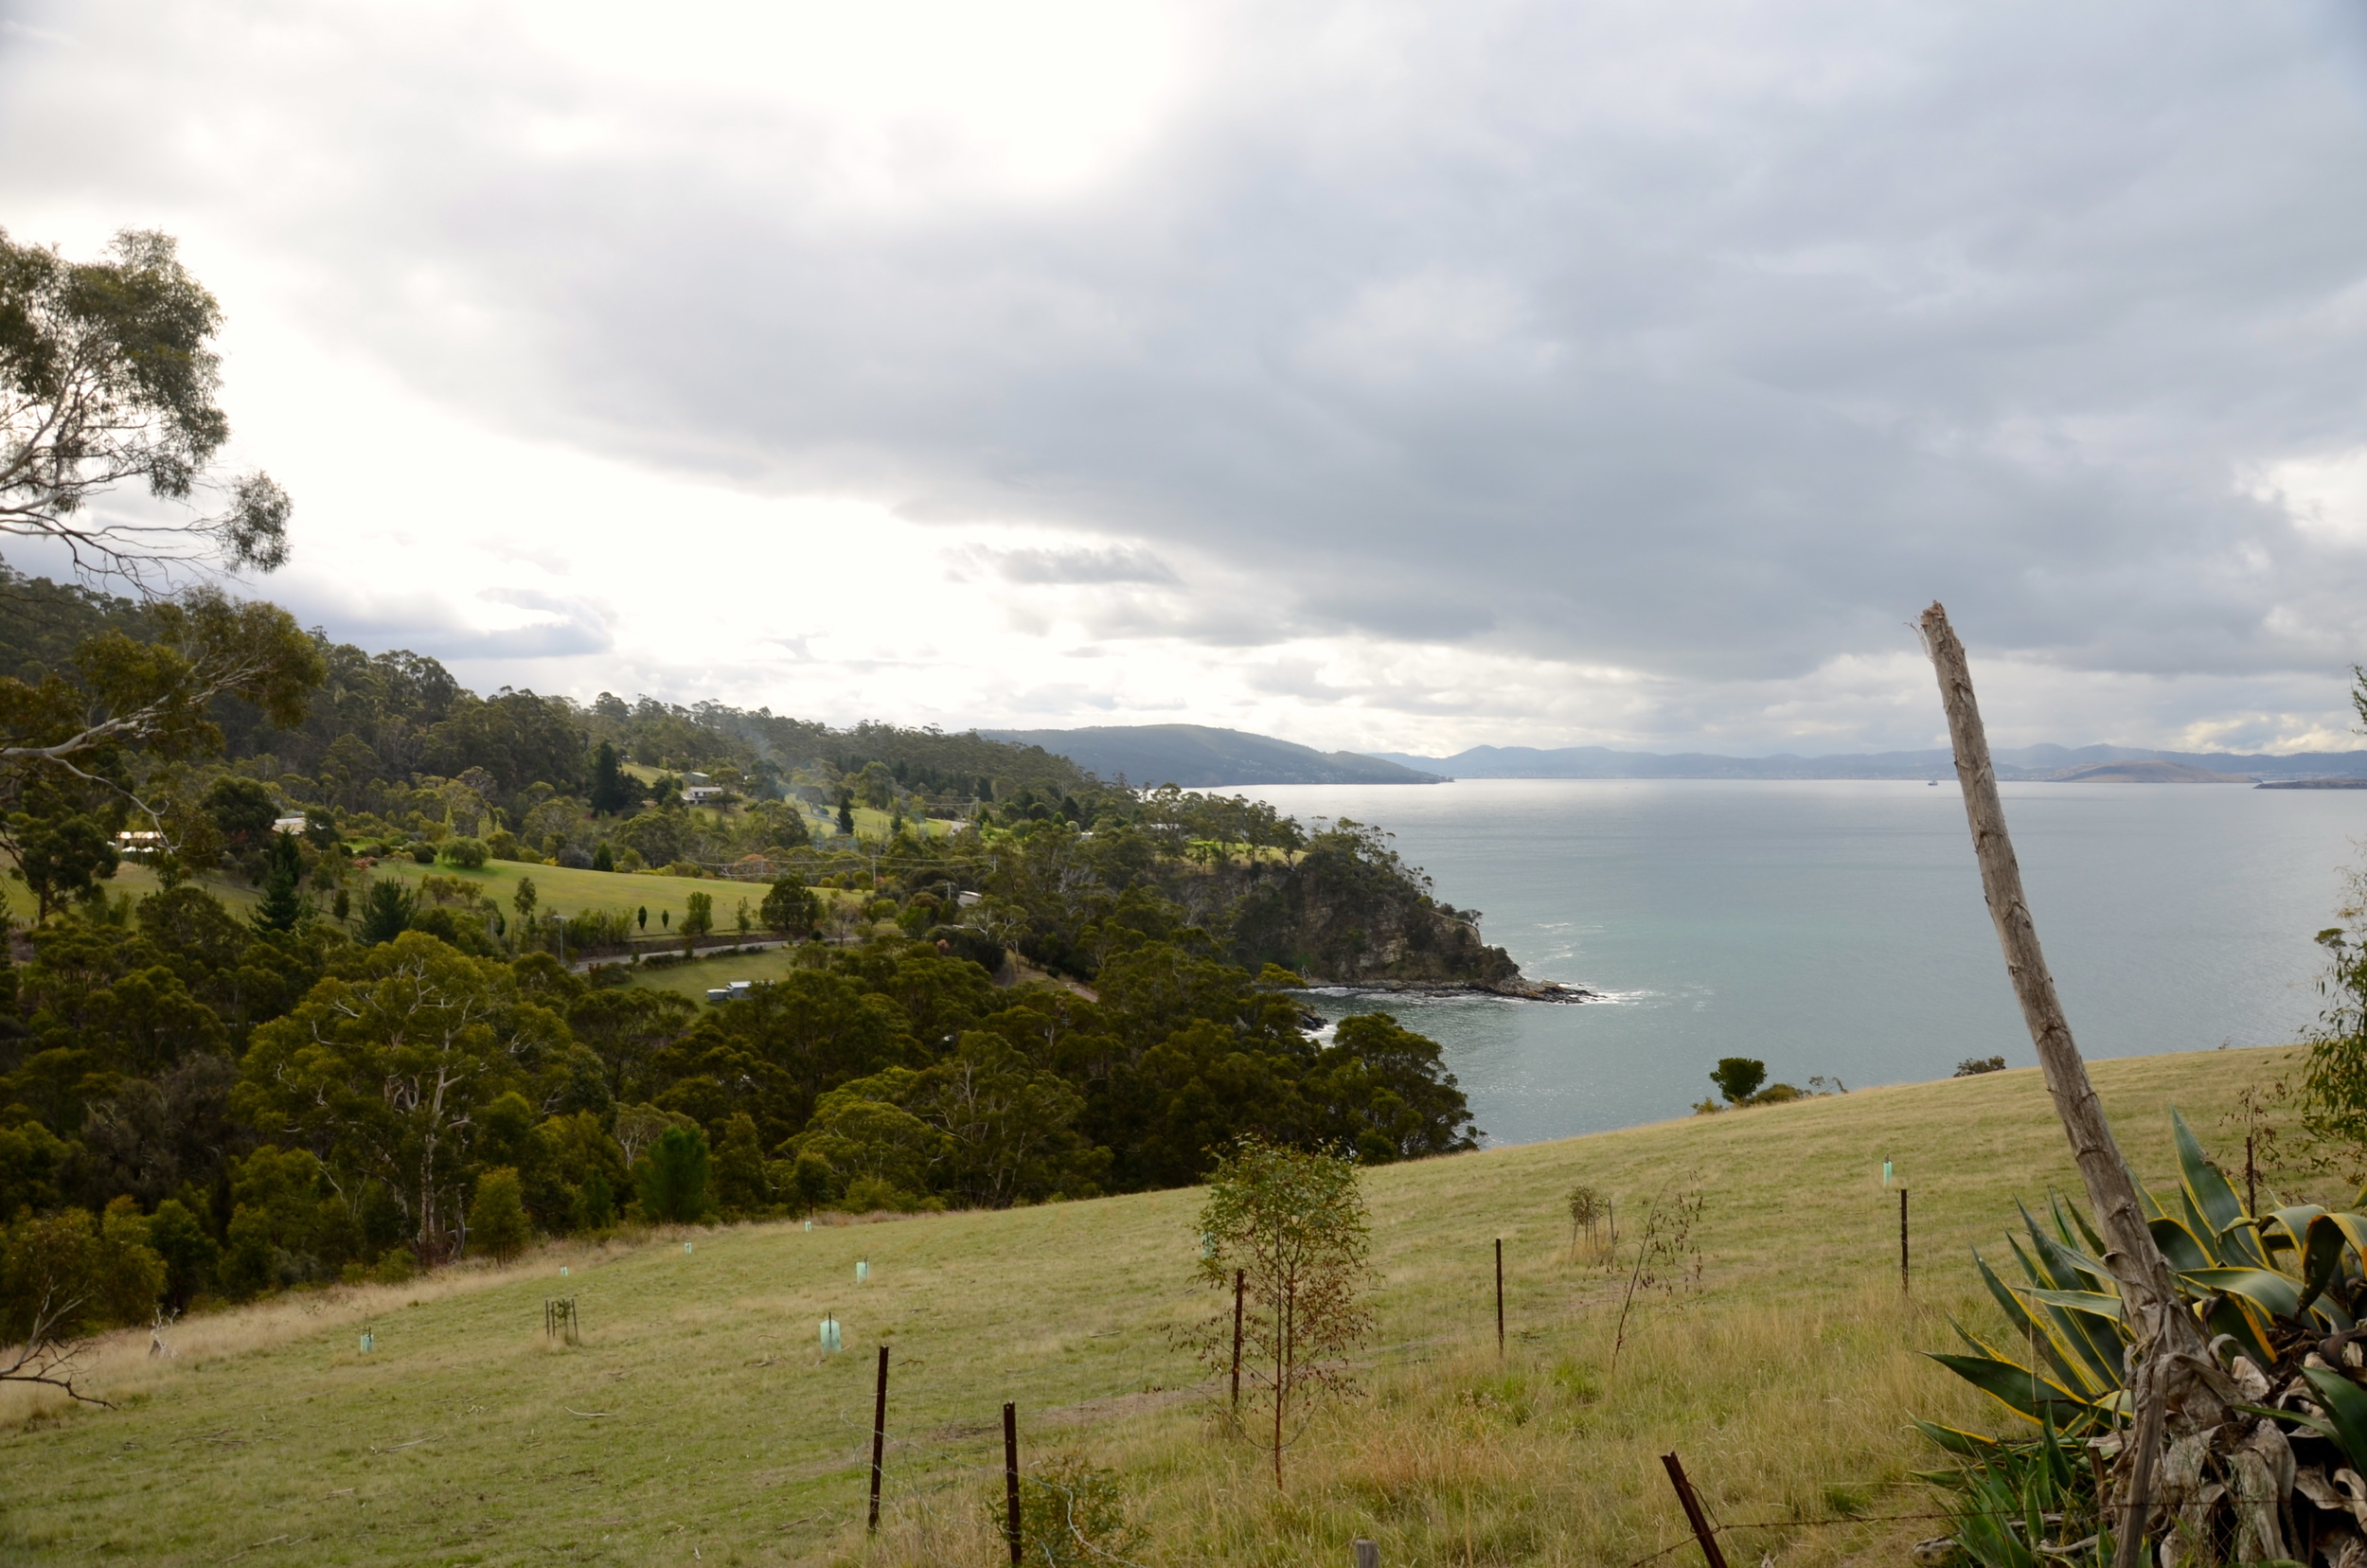 Awesome coastline